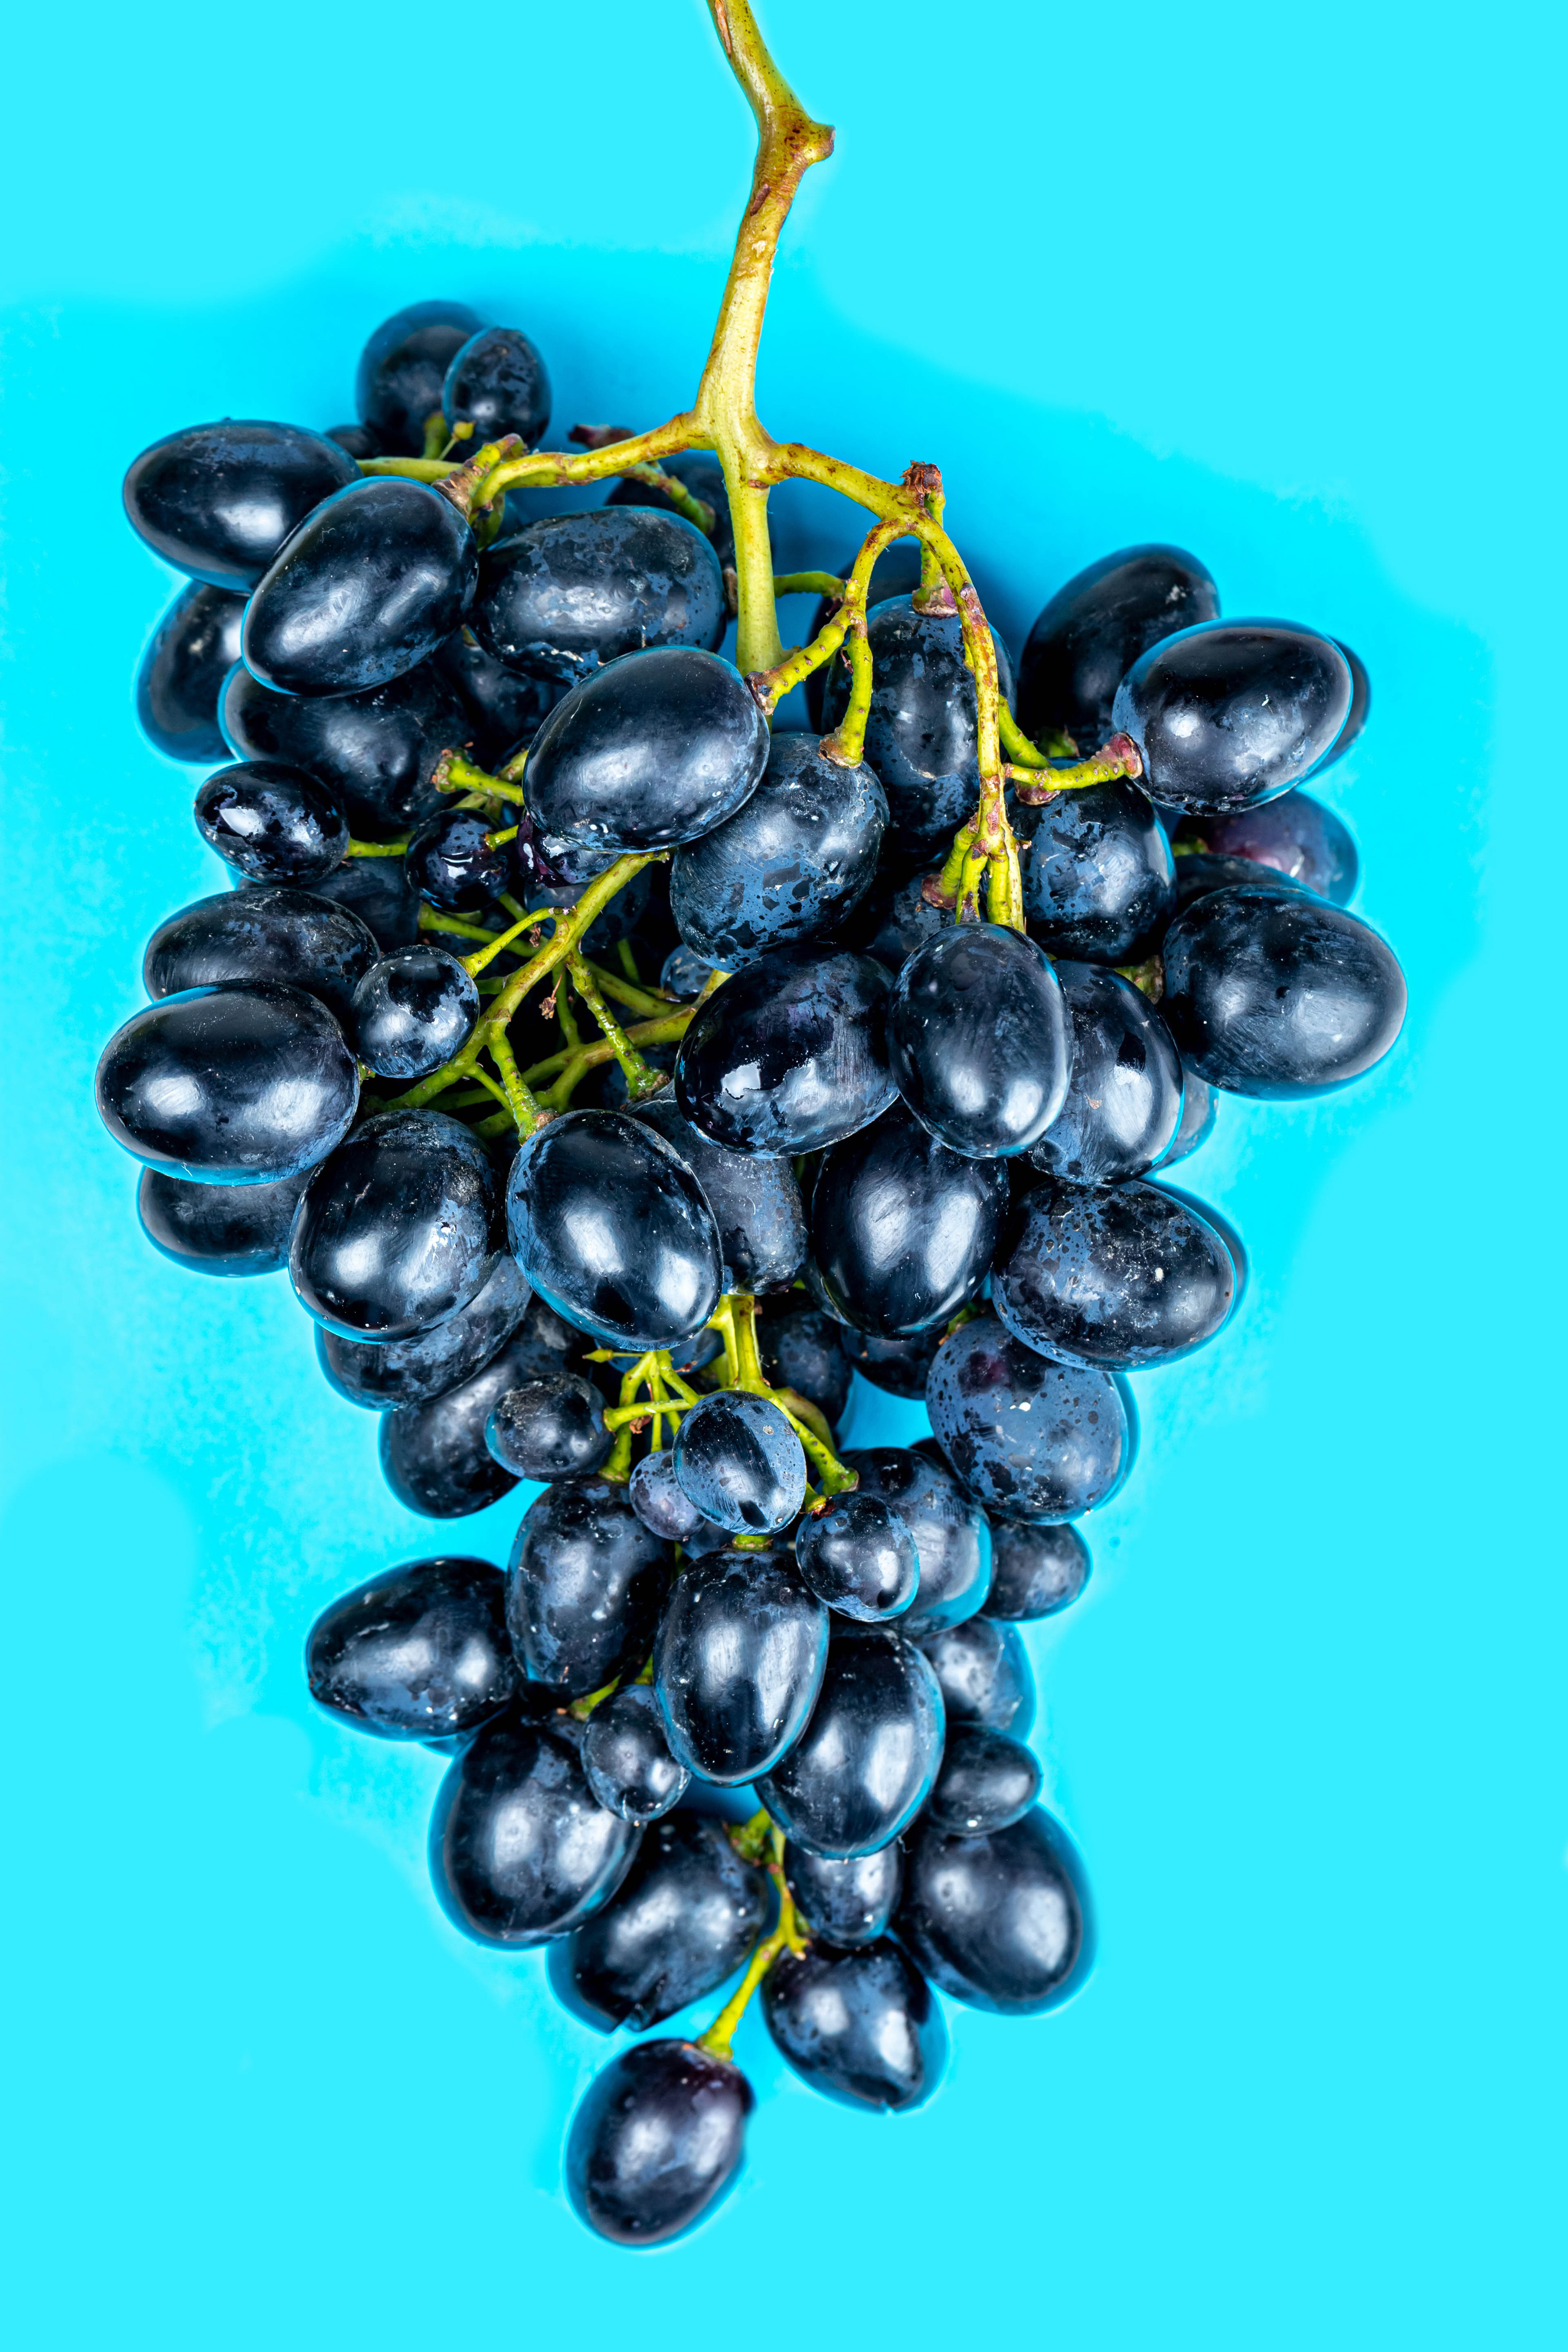 Фото Виноград Еда Крупным планом Цветной фон 2700x4050 для мобильного телефона Пища Продукты питания вблизи